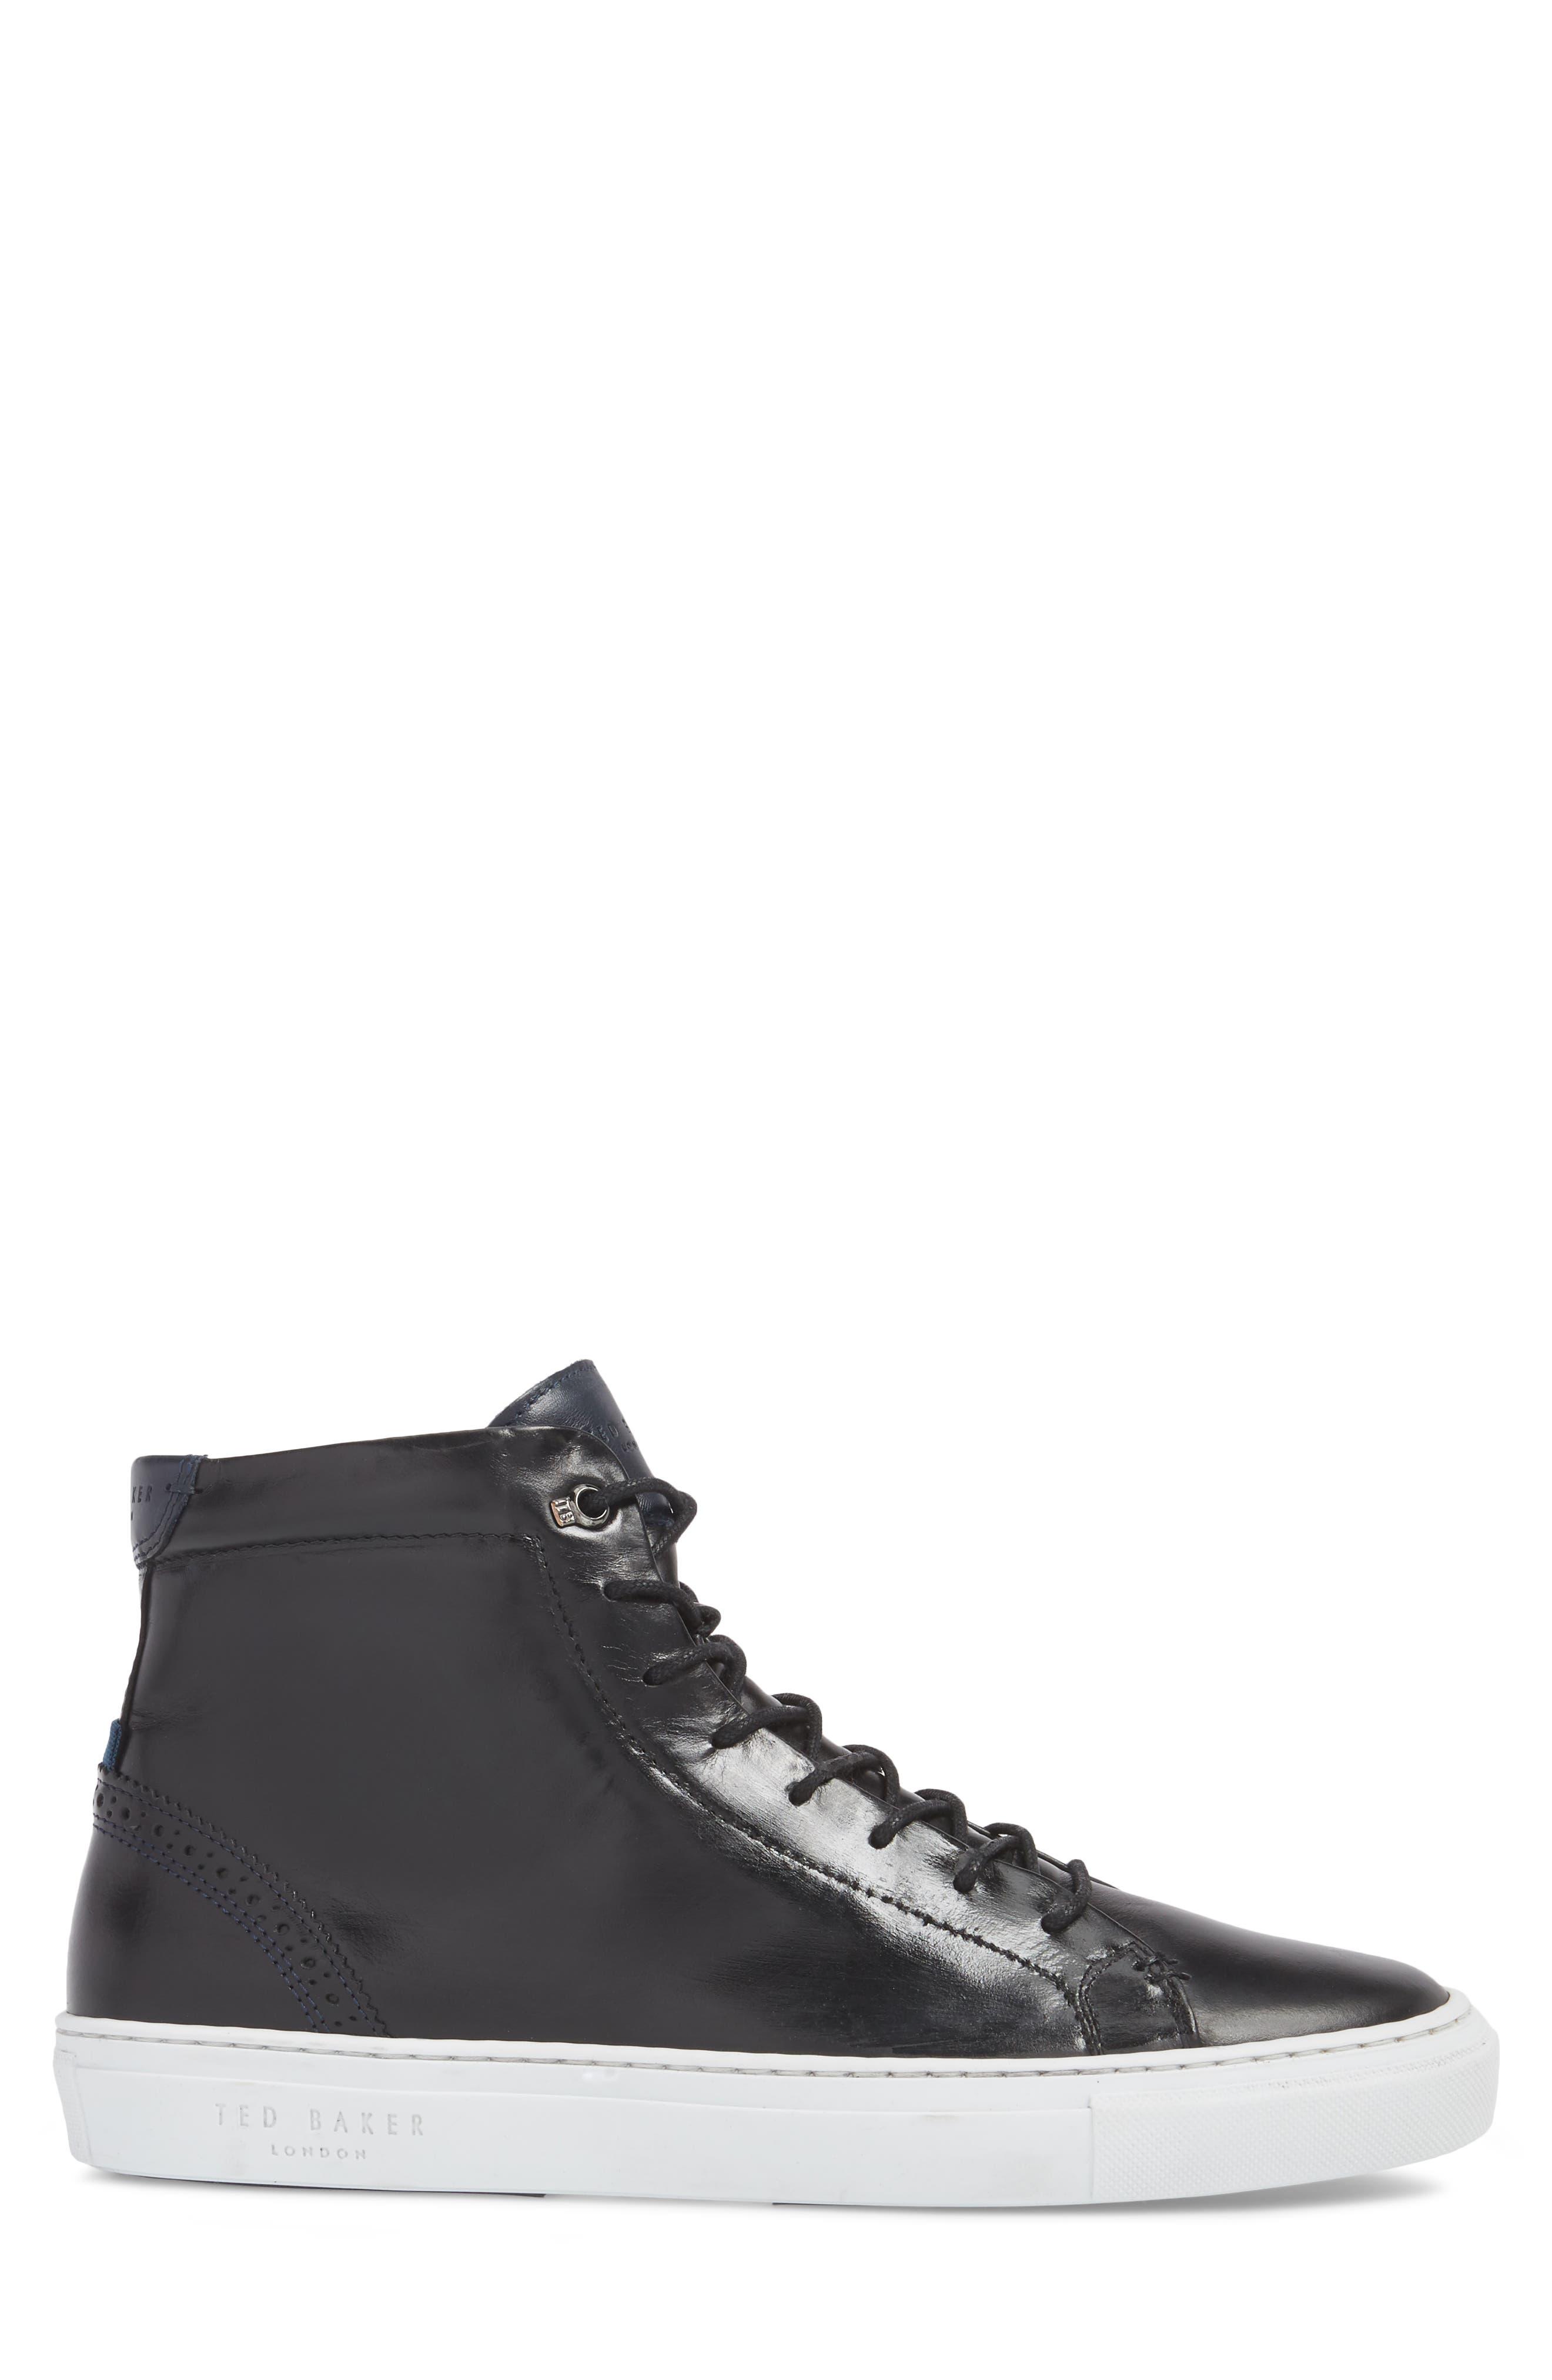 Monerkk High Top Sneaker,                             Alternate thumbnail 3, color,                             001